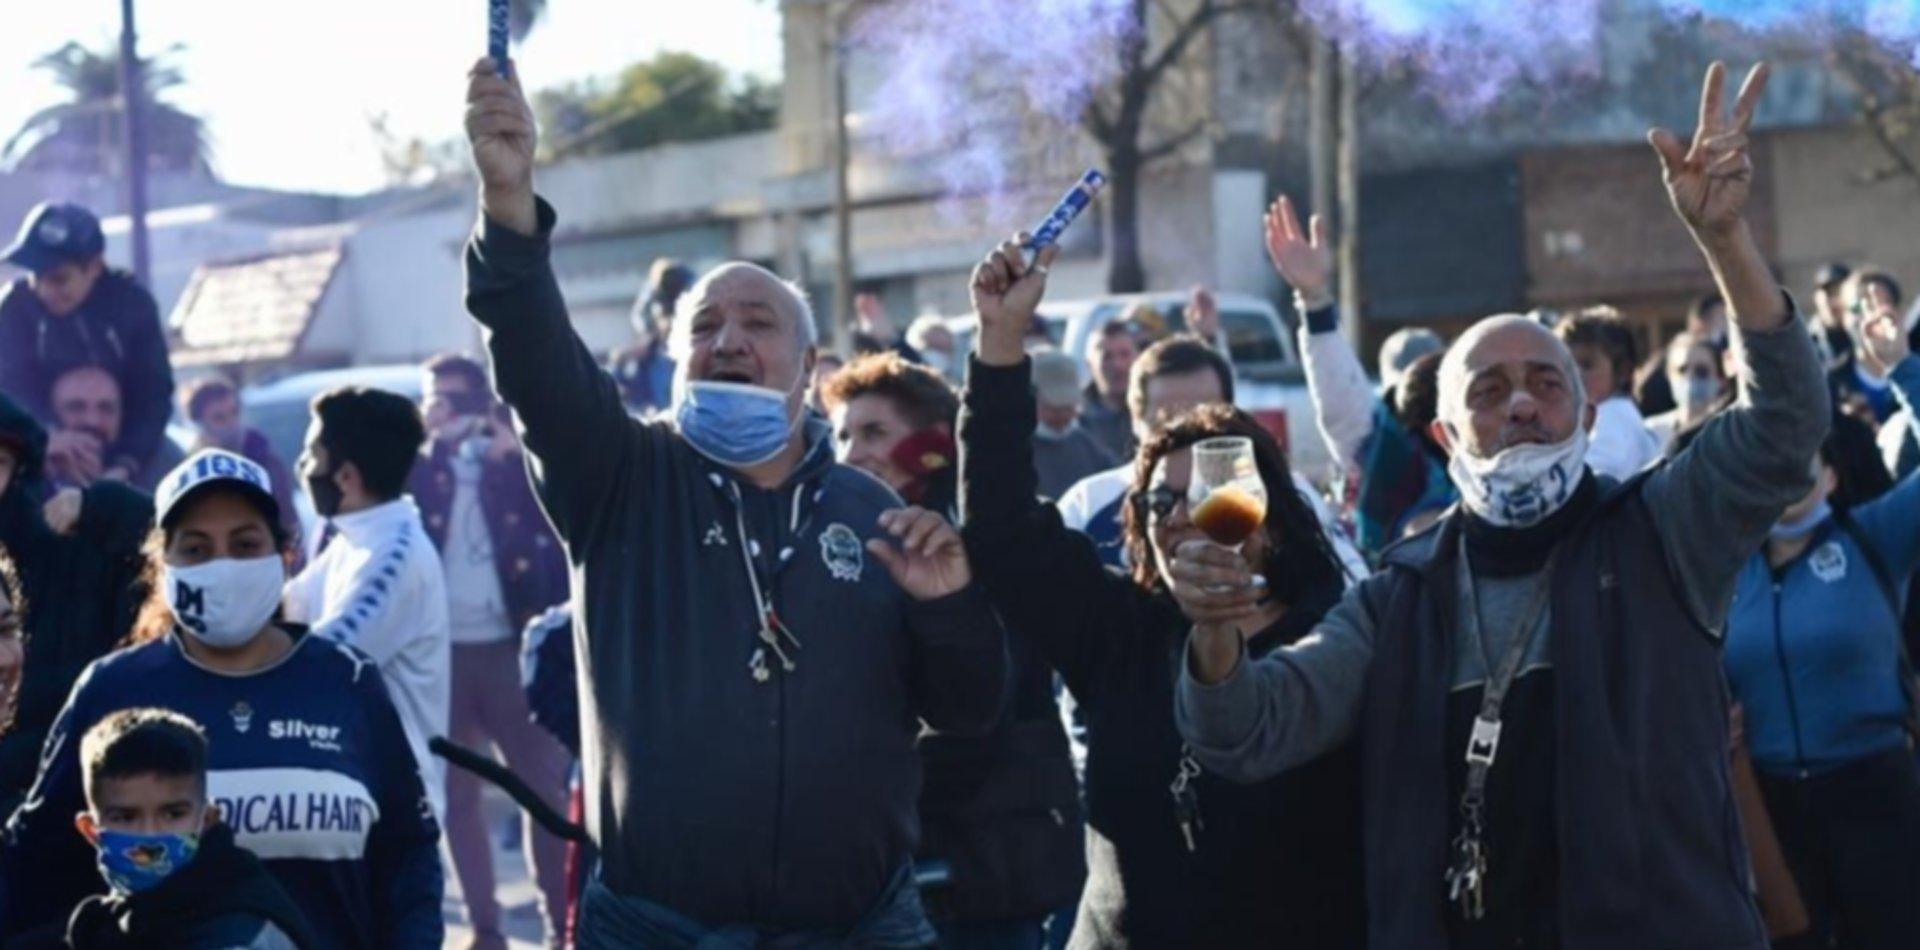 Hinchas de Gimnasia coparon el mural de Maradona para gritar el gol a los ingleses